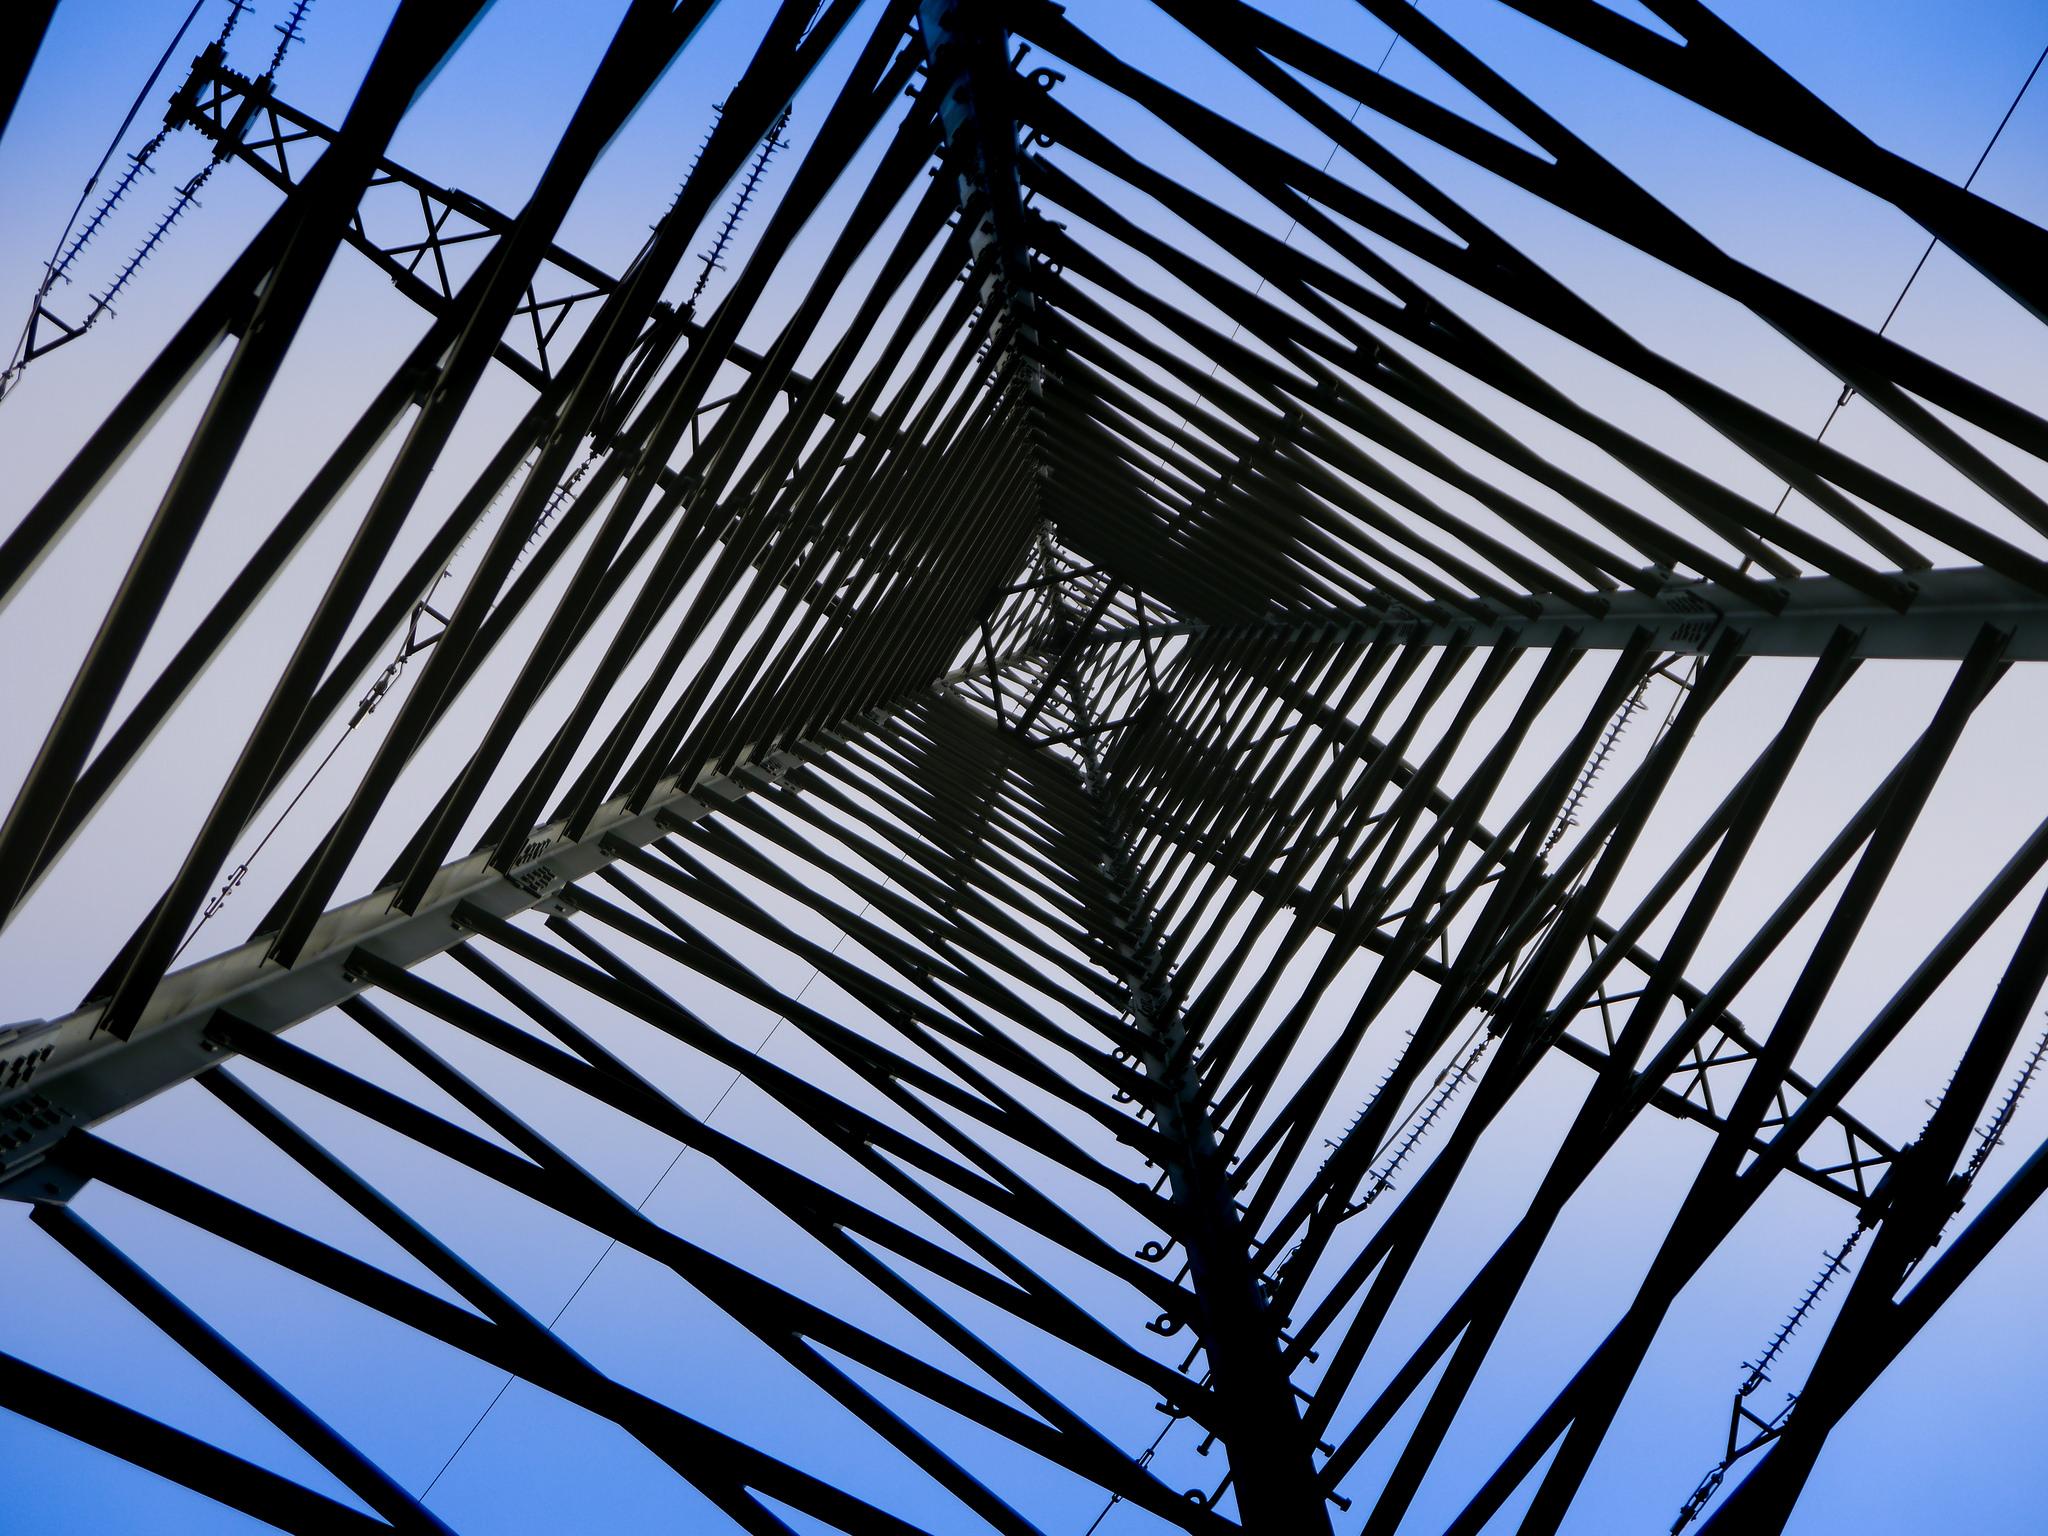 Hochspannungsmasten sind weithin sichtbare Bauwerke unseres leitungsgebundenen Sromnetzes. Foto (C) Angle Trenz / flickr